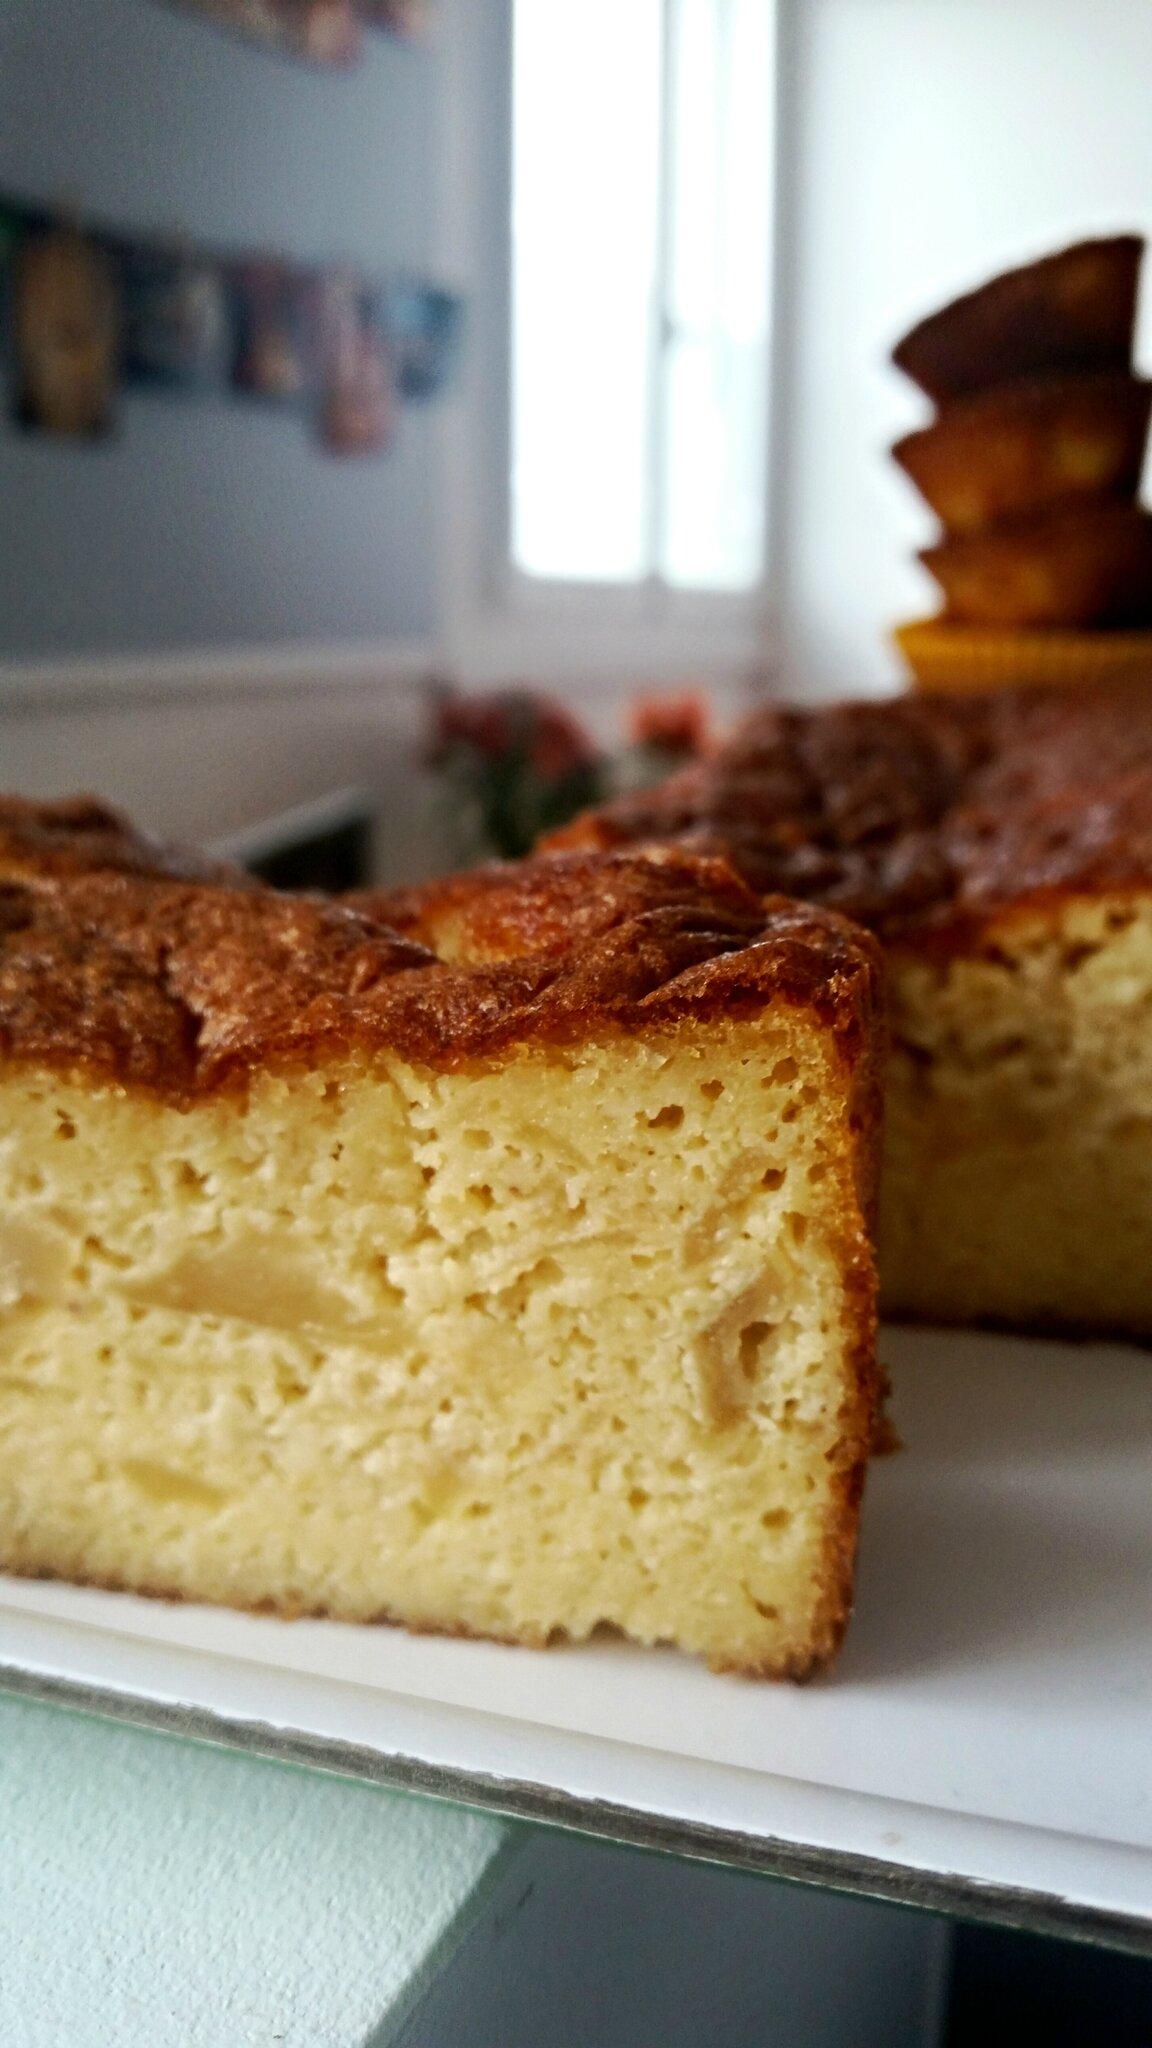 Gâteau aux amandes à la pomme